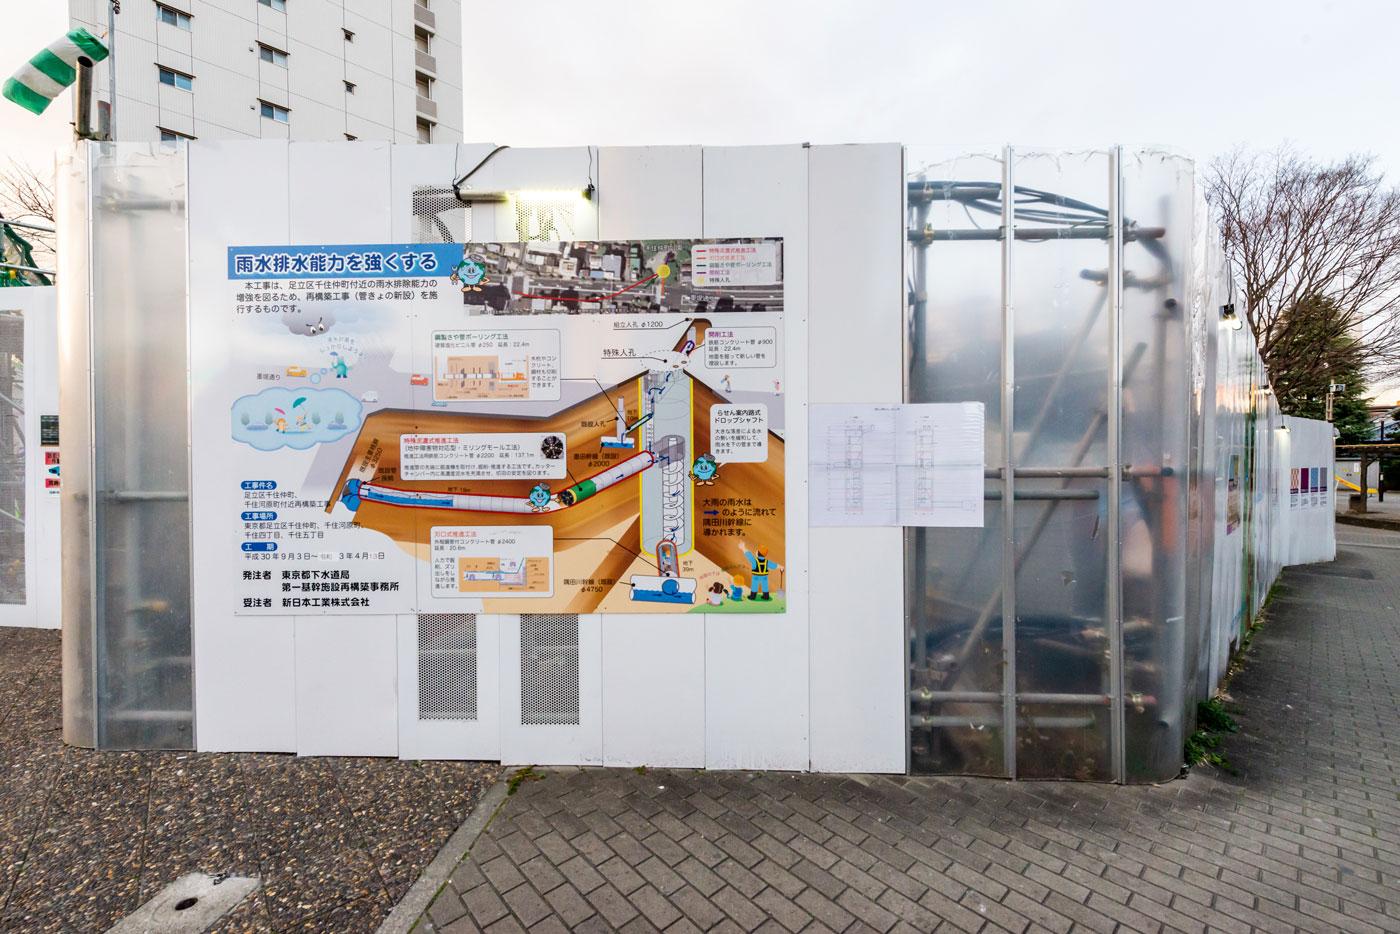 公園入口は雨水の排除能力増強工事中(2021年4月まで)